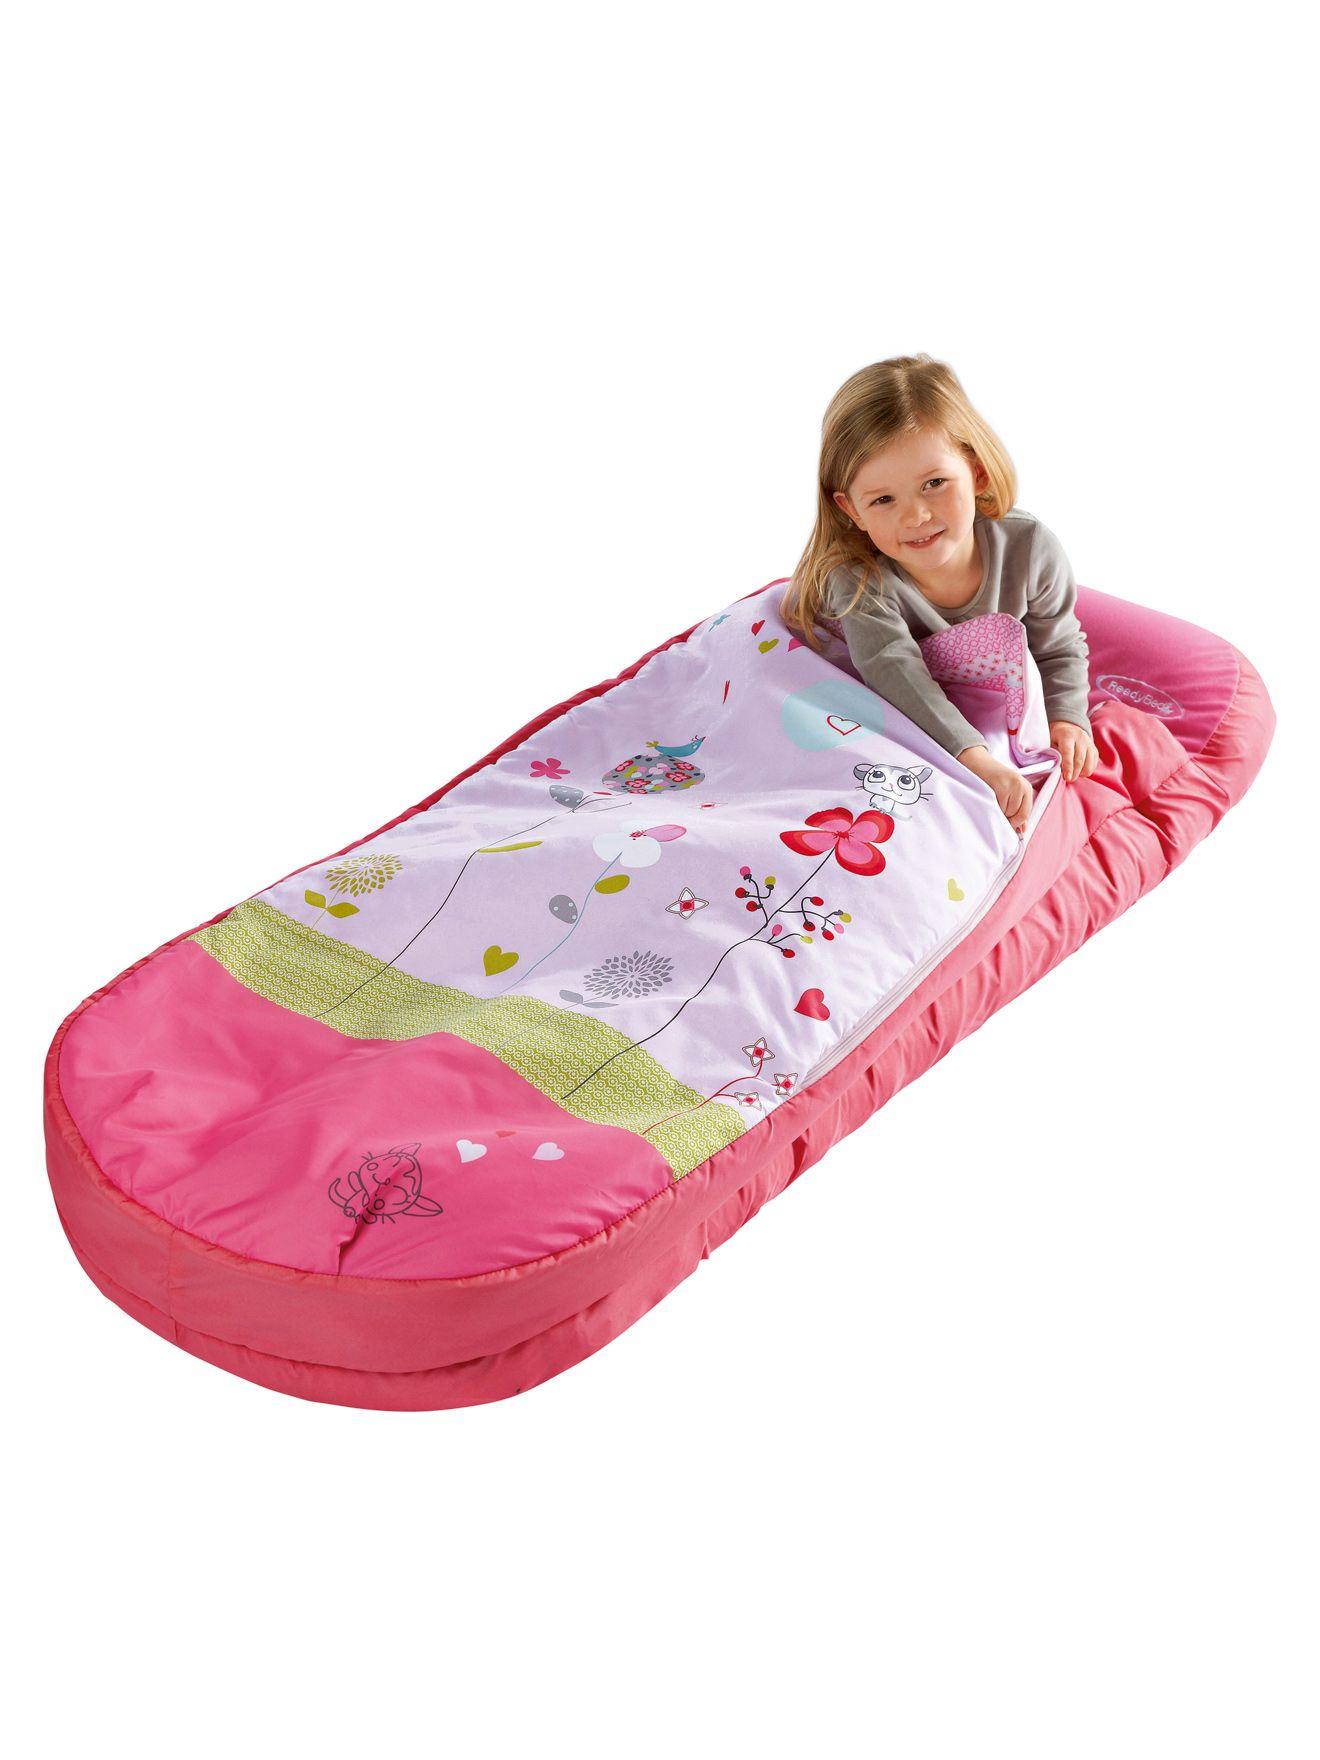 sac de couchage fille avec matelas int gr chambre enfant. Black Bedroom Furniture Sets. Home Design Ideas